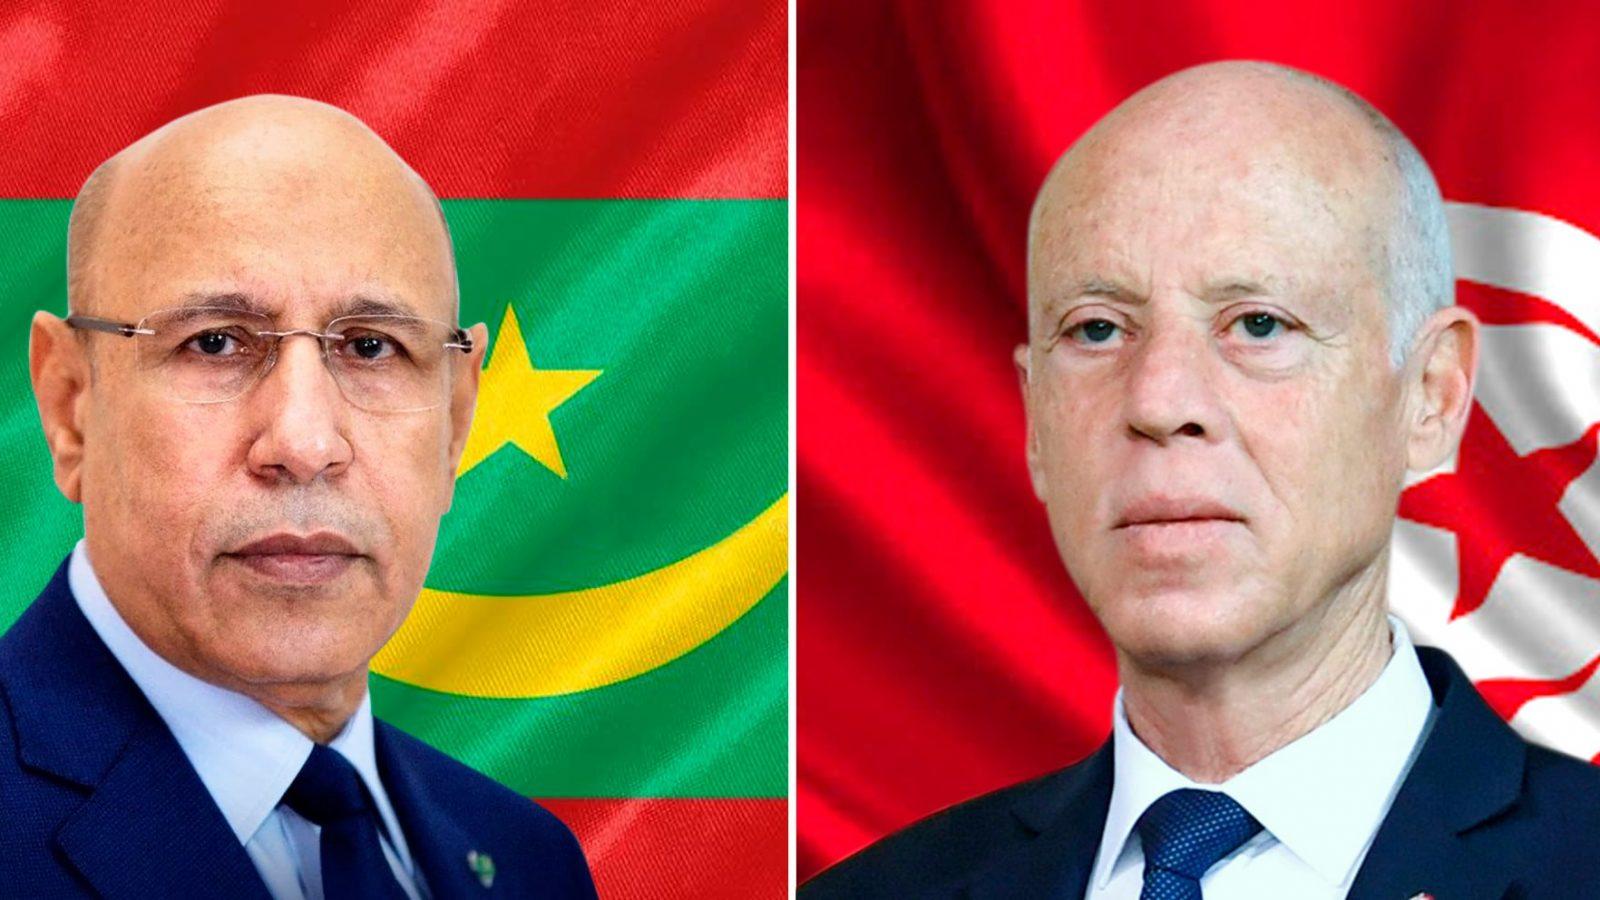 قيس سعيد ورئيس الموريتاني يتبادلان التهاني بمناسبة عيد الأضحى